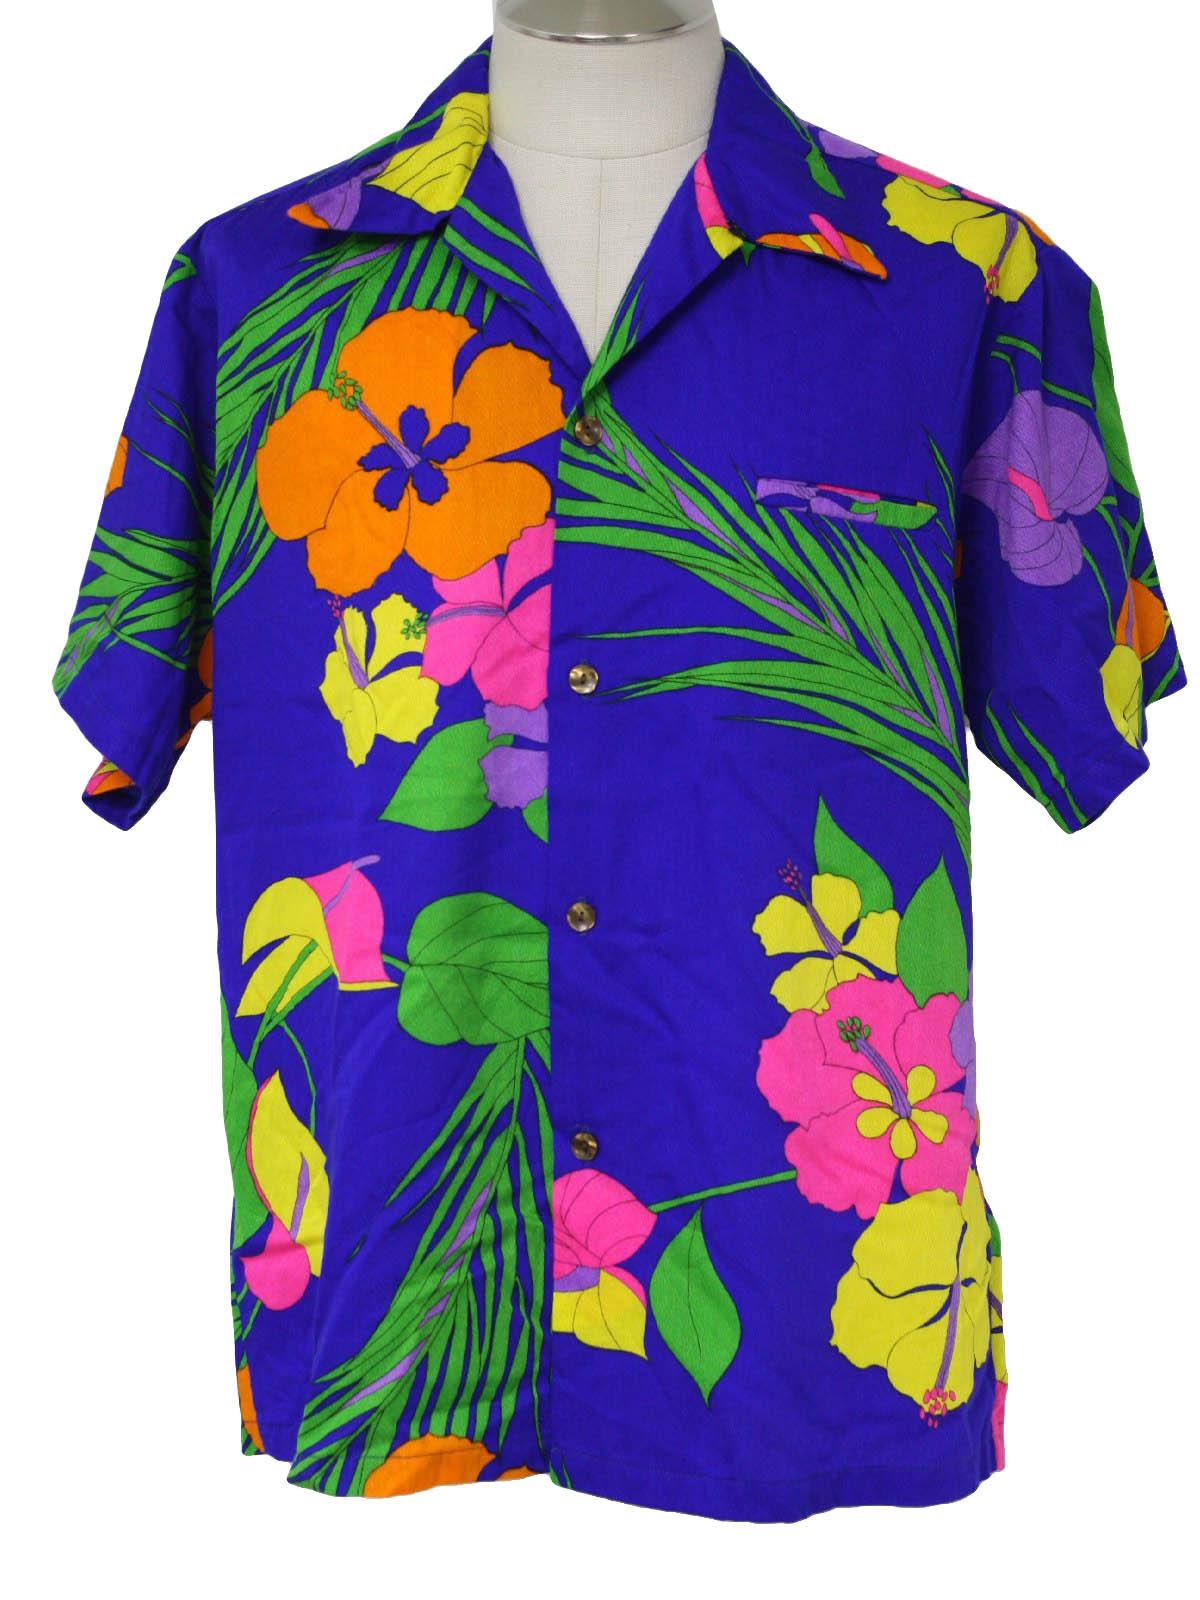 1970 S Retro Hawaiian Shirt 70s Walta Clarkes Mens Blue